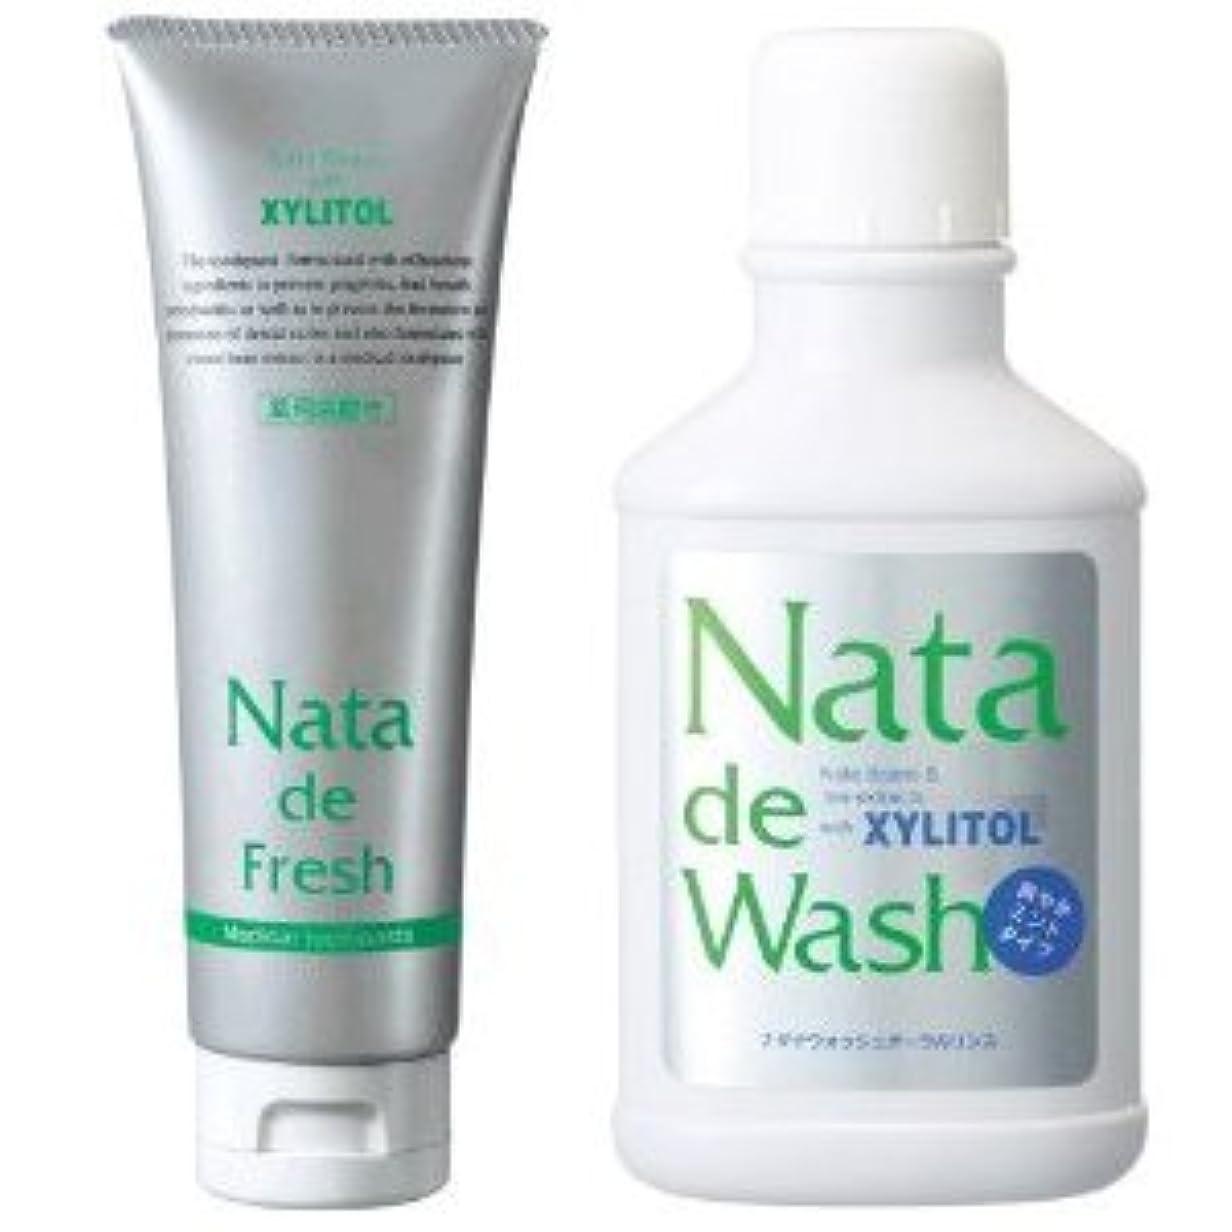 ナタデウォッシュ 口内環境セット 歯磨き+マウスウォッシュ バラデフレッシュ+ナタデウォッシュ